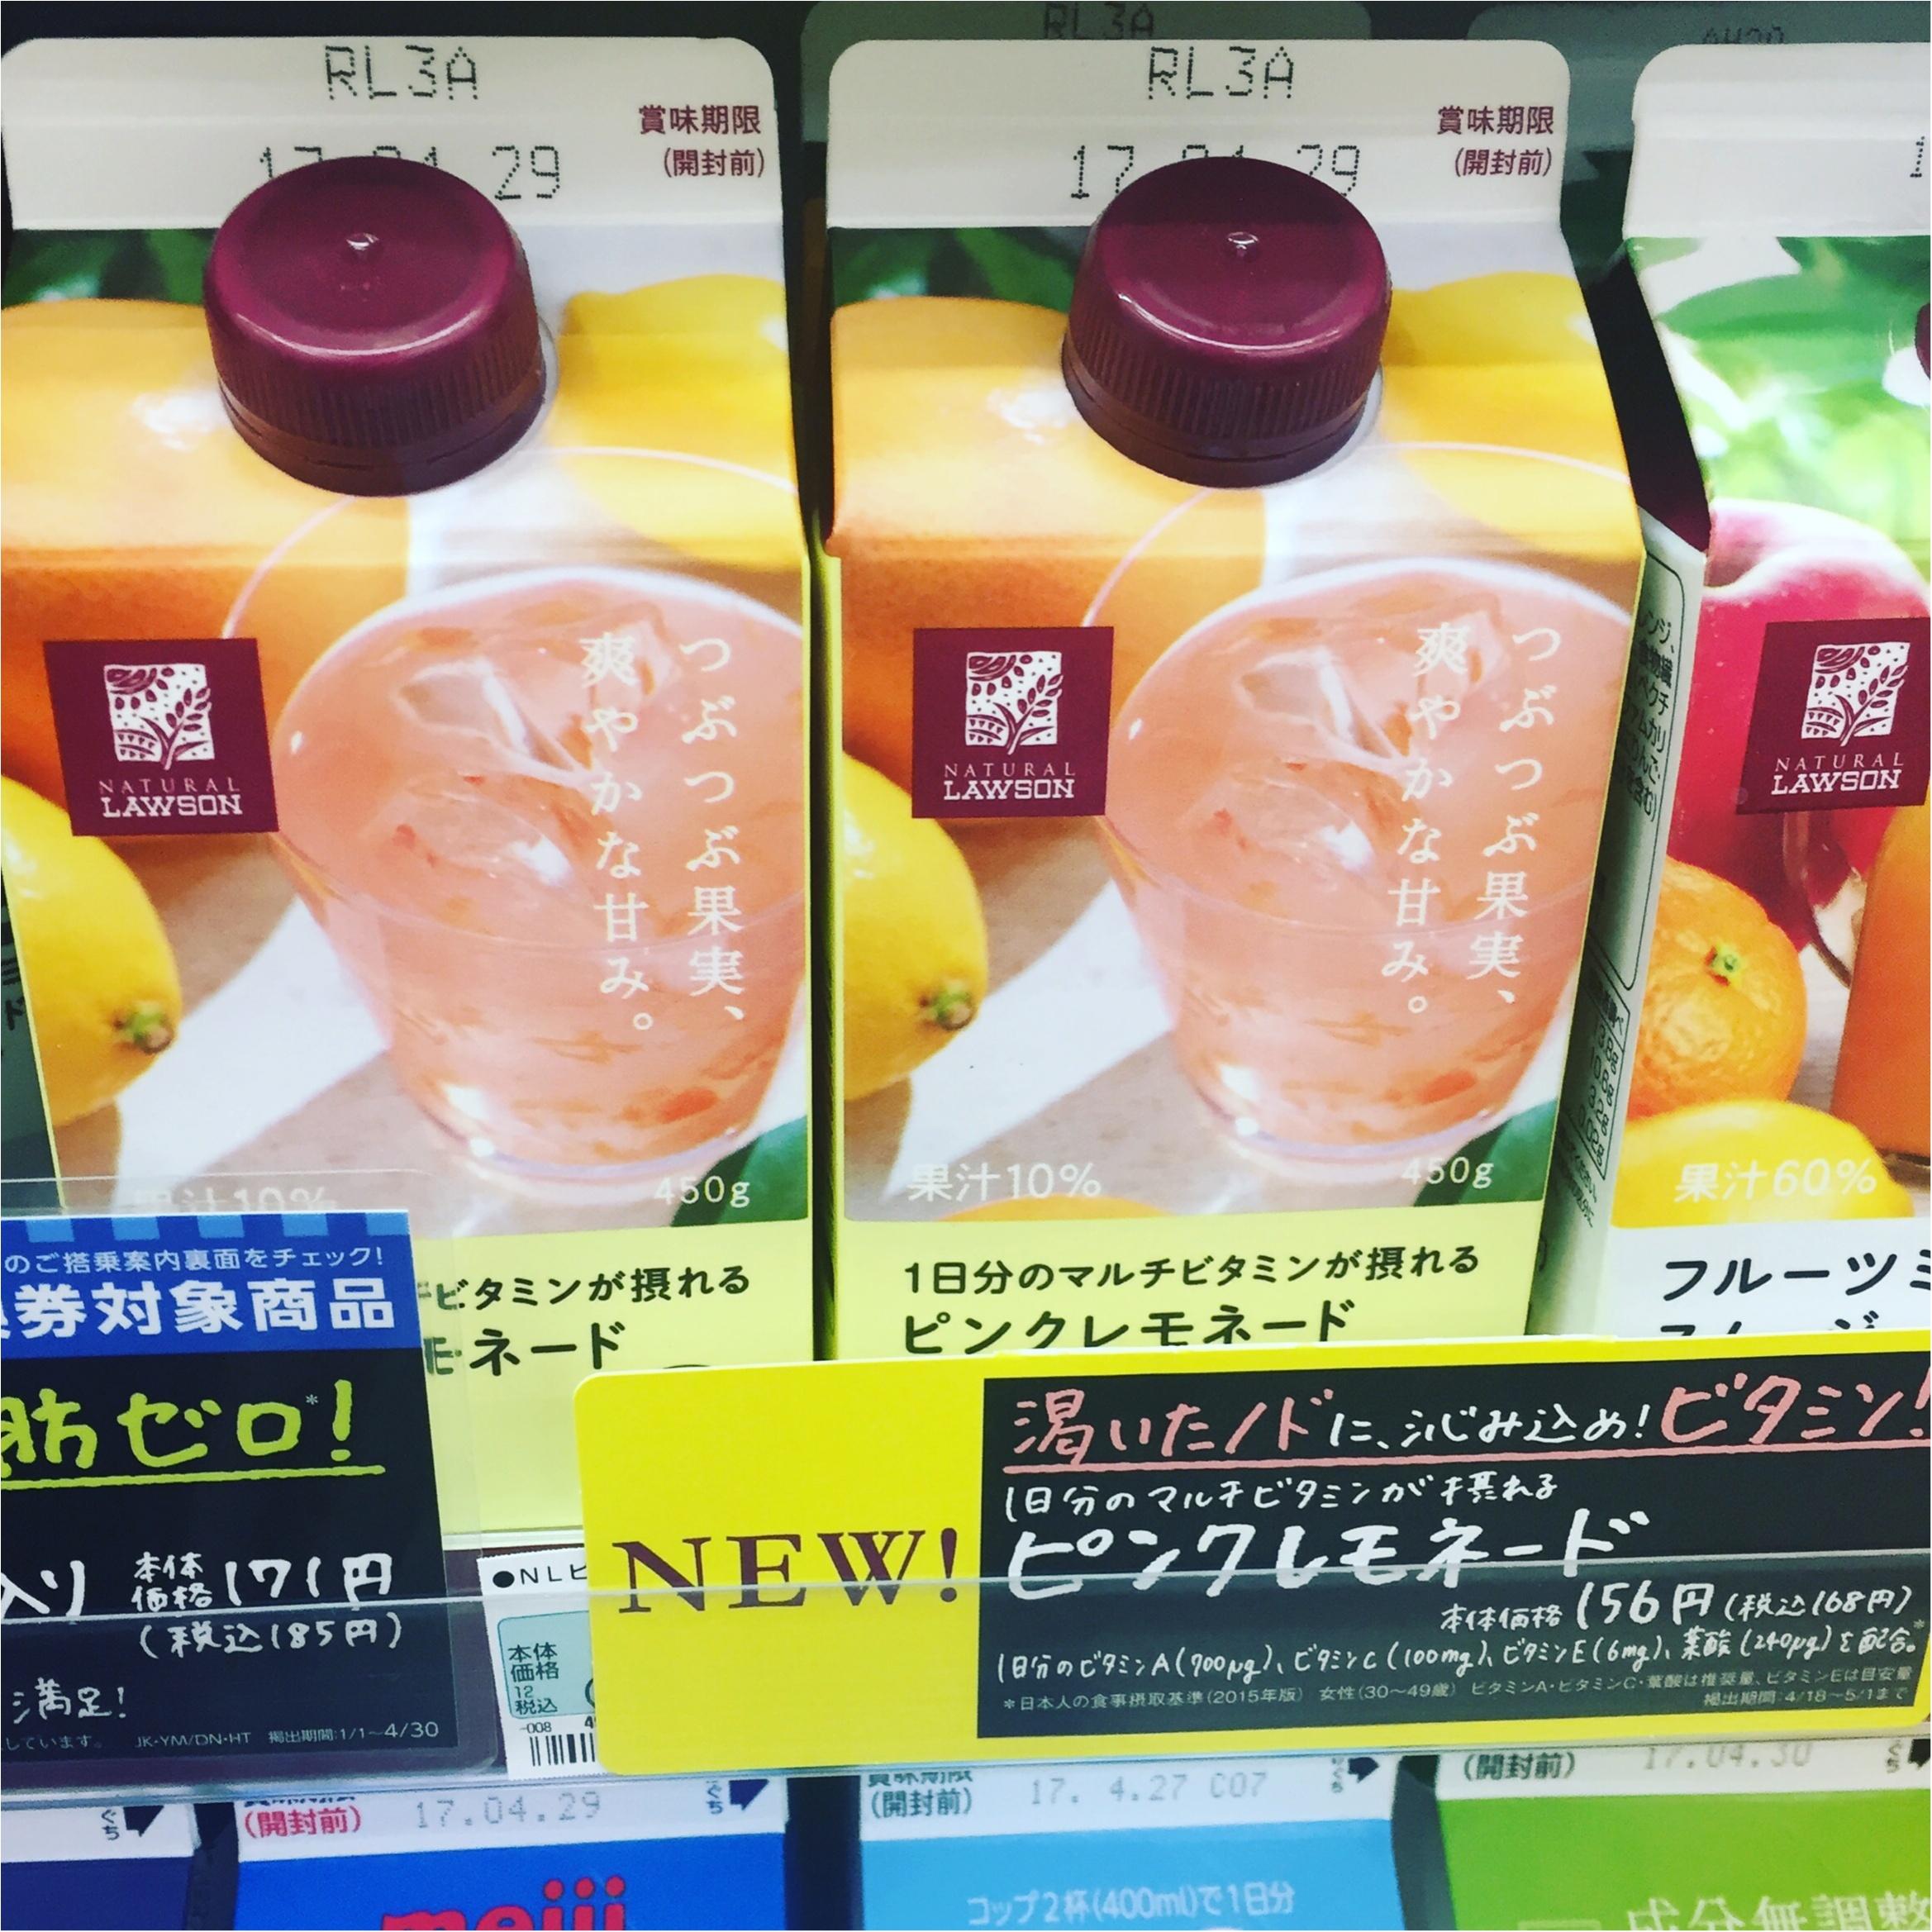 【LAWSON☆新商品】1日分のマルチビタミンが摂れる!食べるピンクレモネード♡≪samenyan≫_2